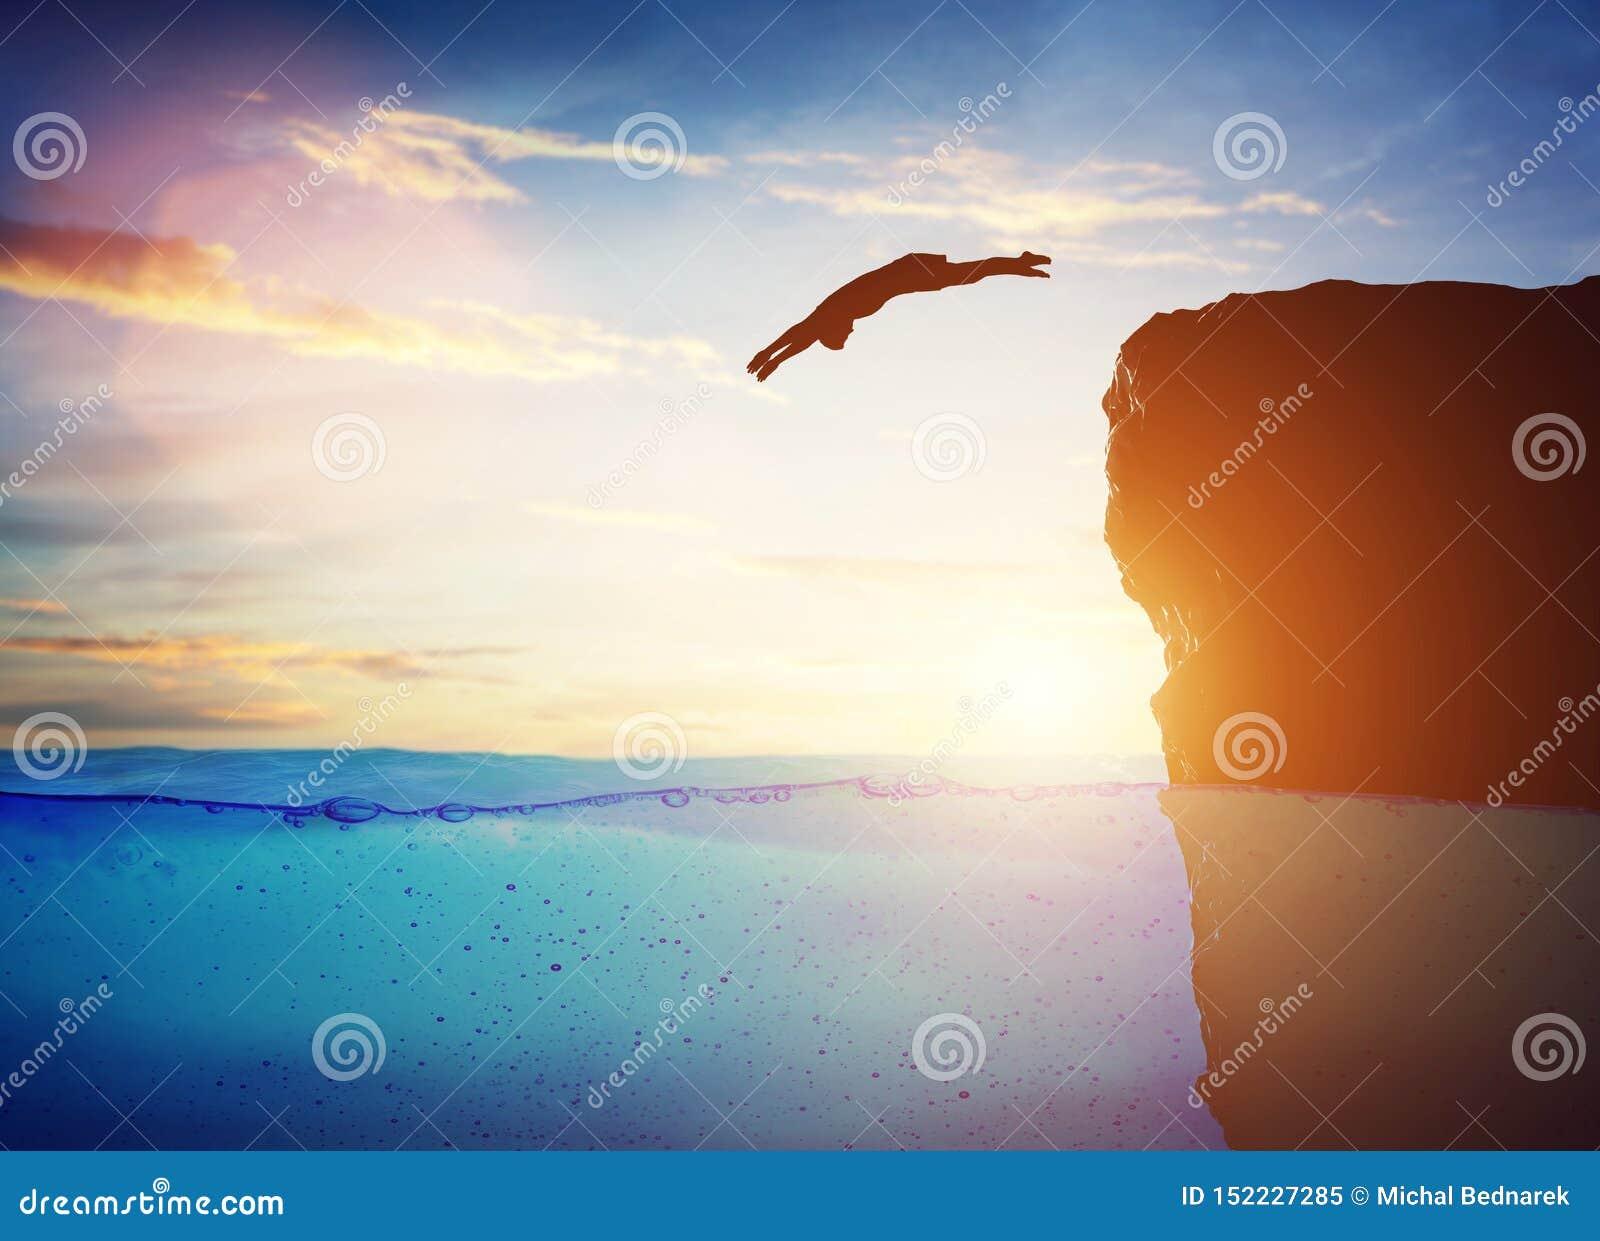 Mergulho do homem na água do penhasco alto ao desconhecido